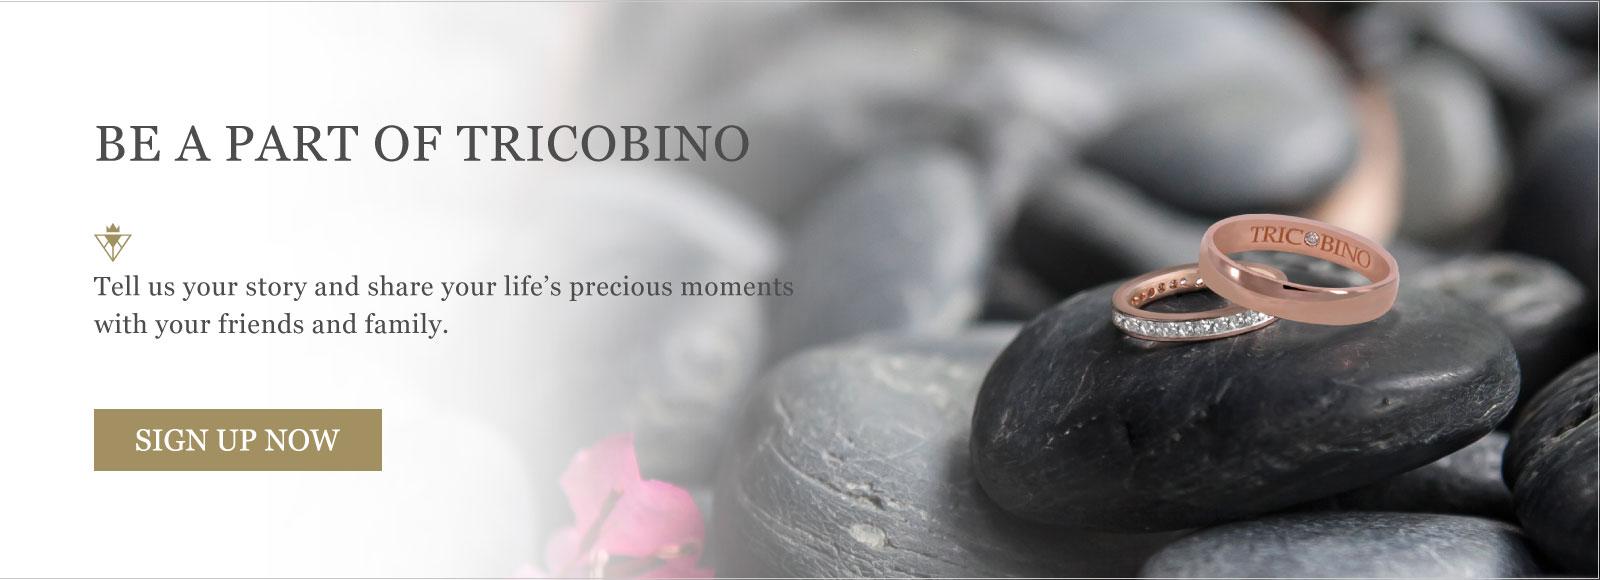 Tricobino - Subscription